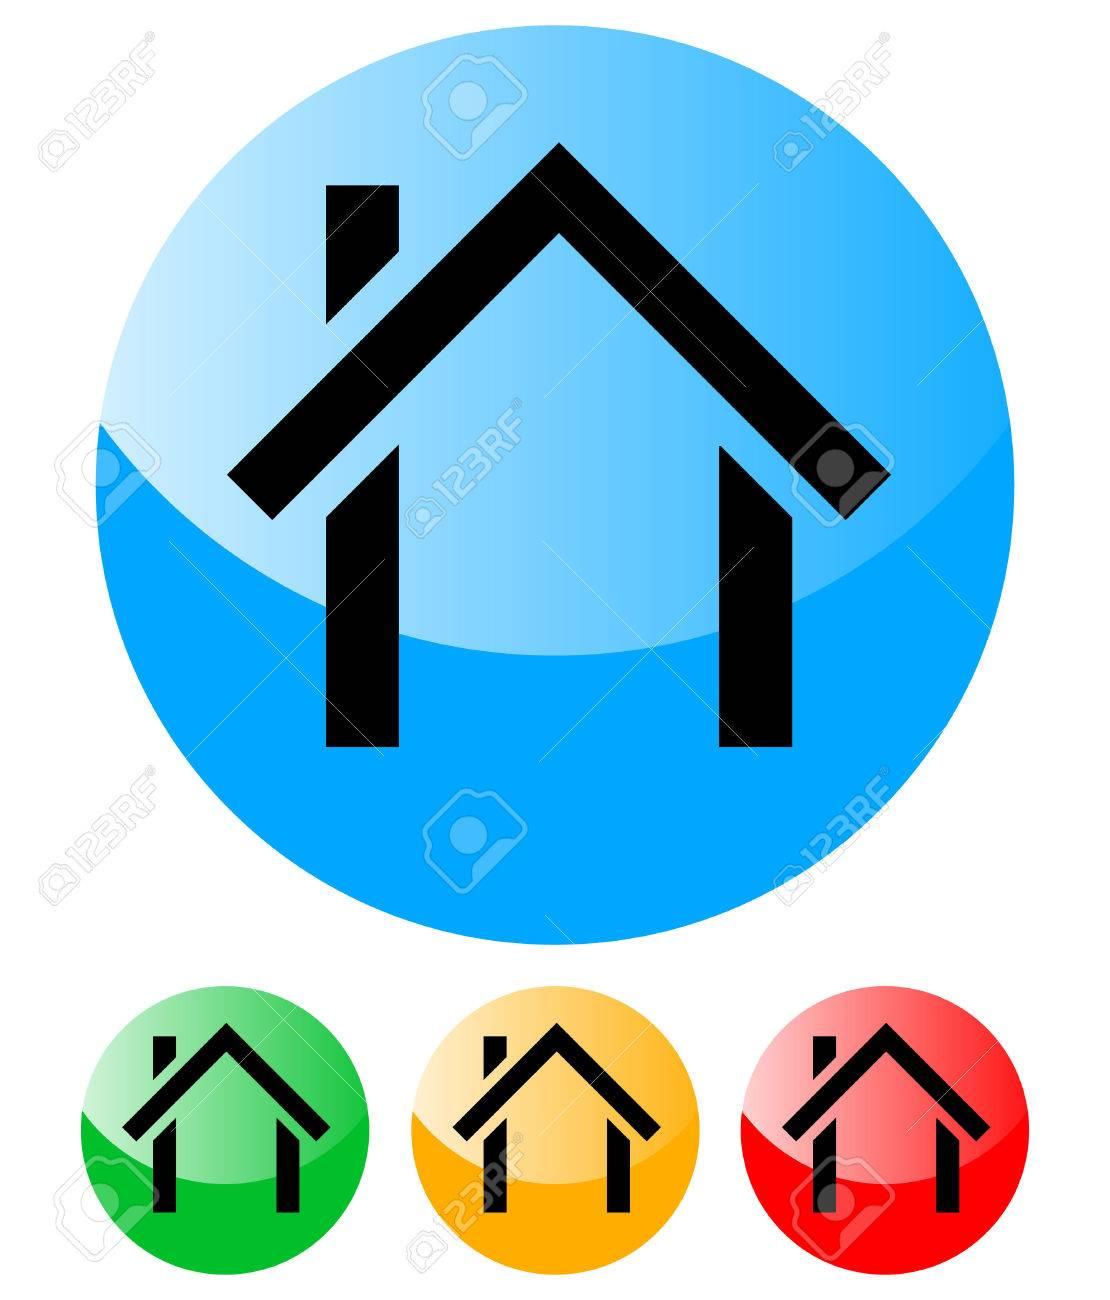 Haus bauen clipart  Haus Icons - Heim, Haus, Bauen, Architektur - Stadt-, Vorort ...